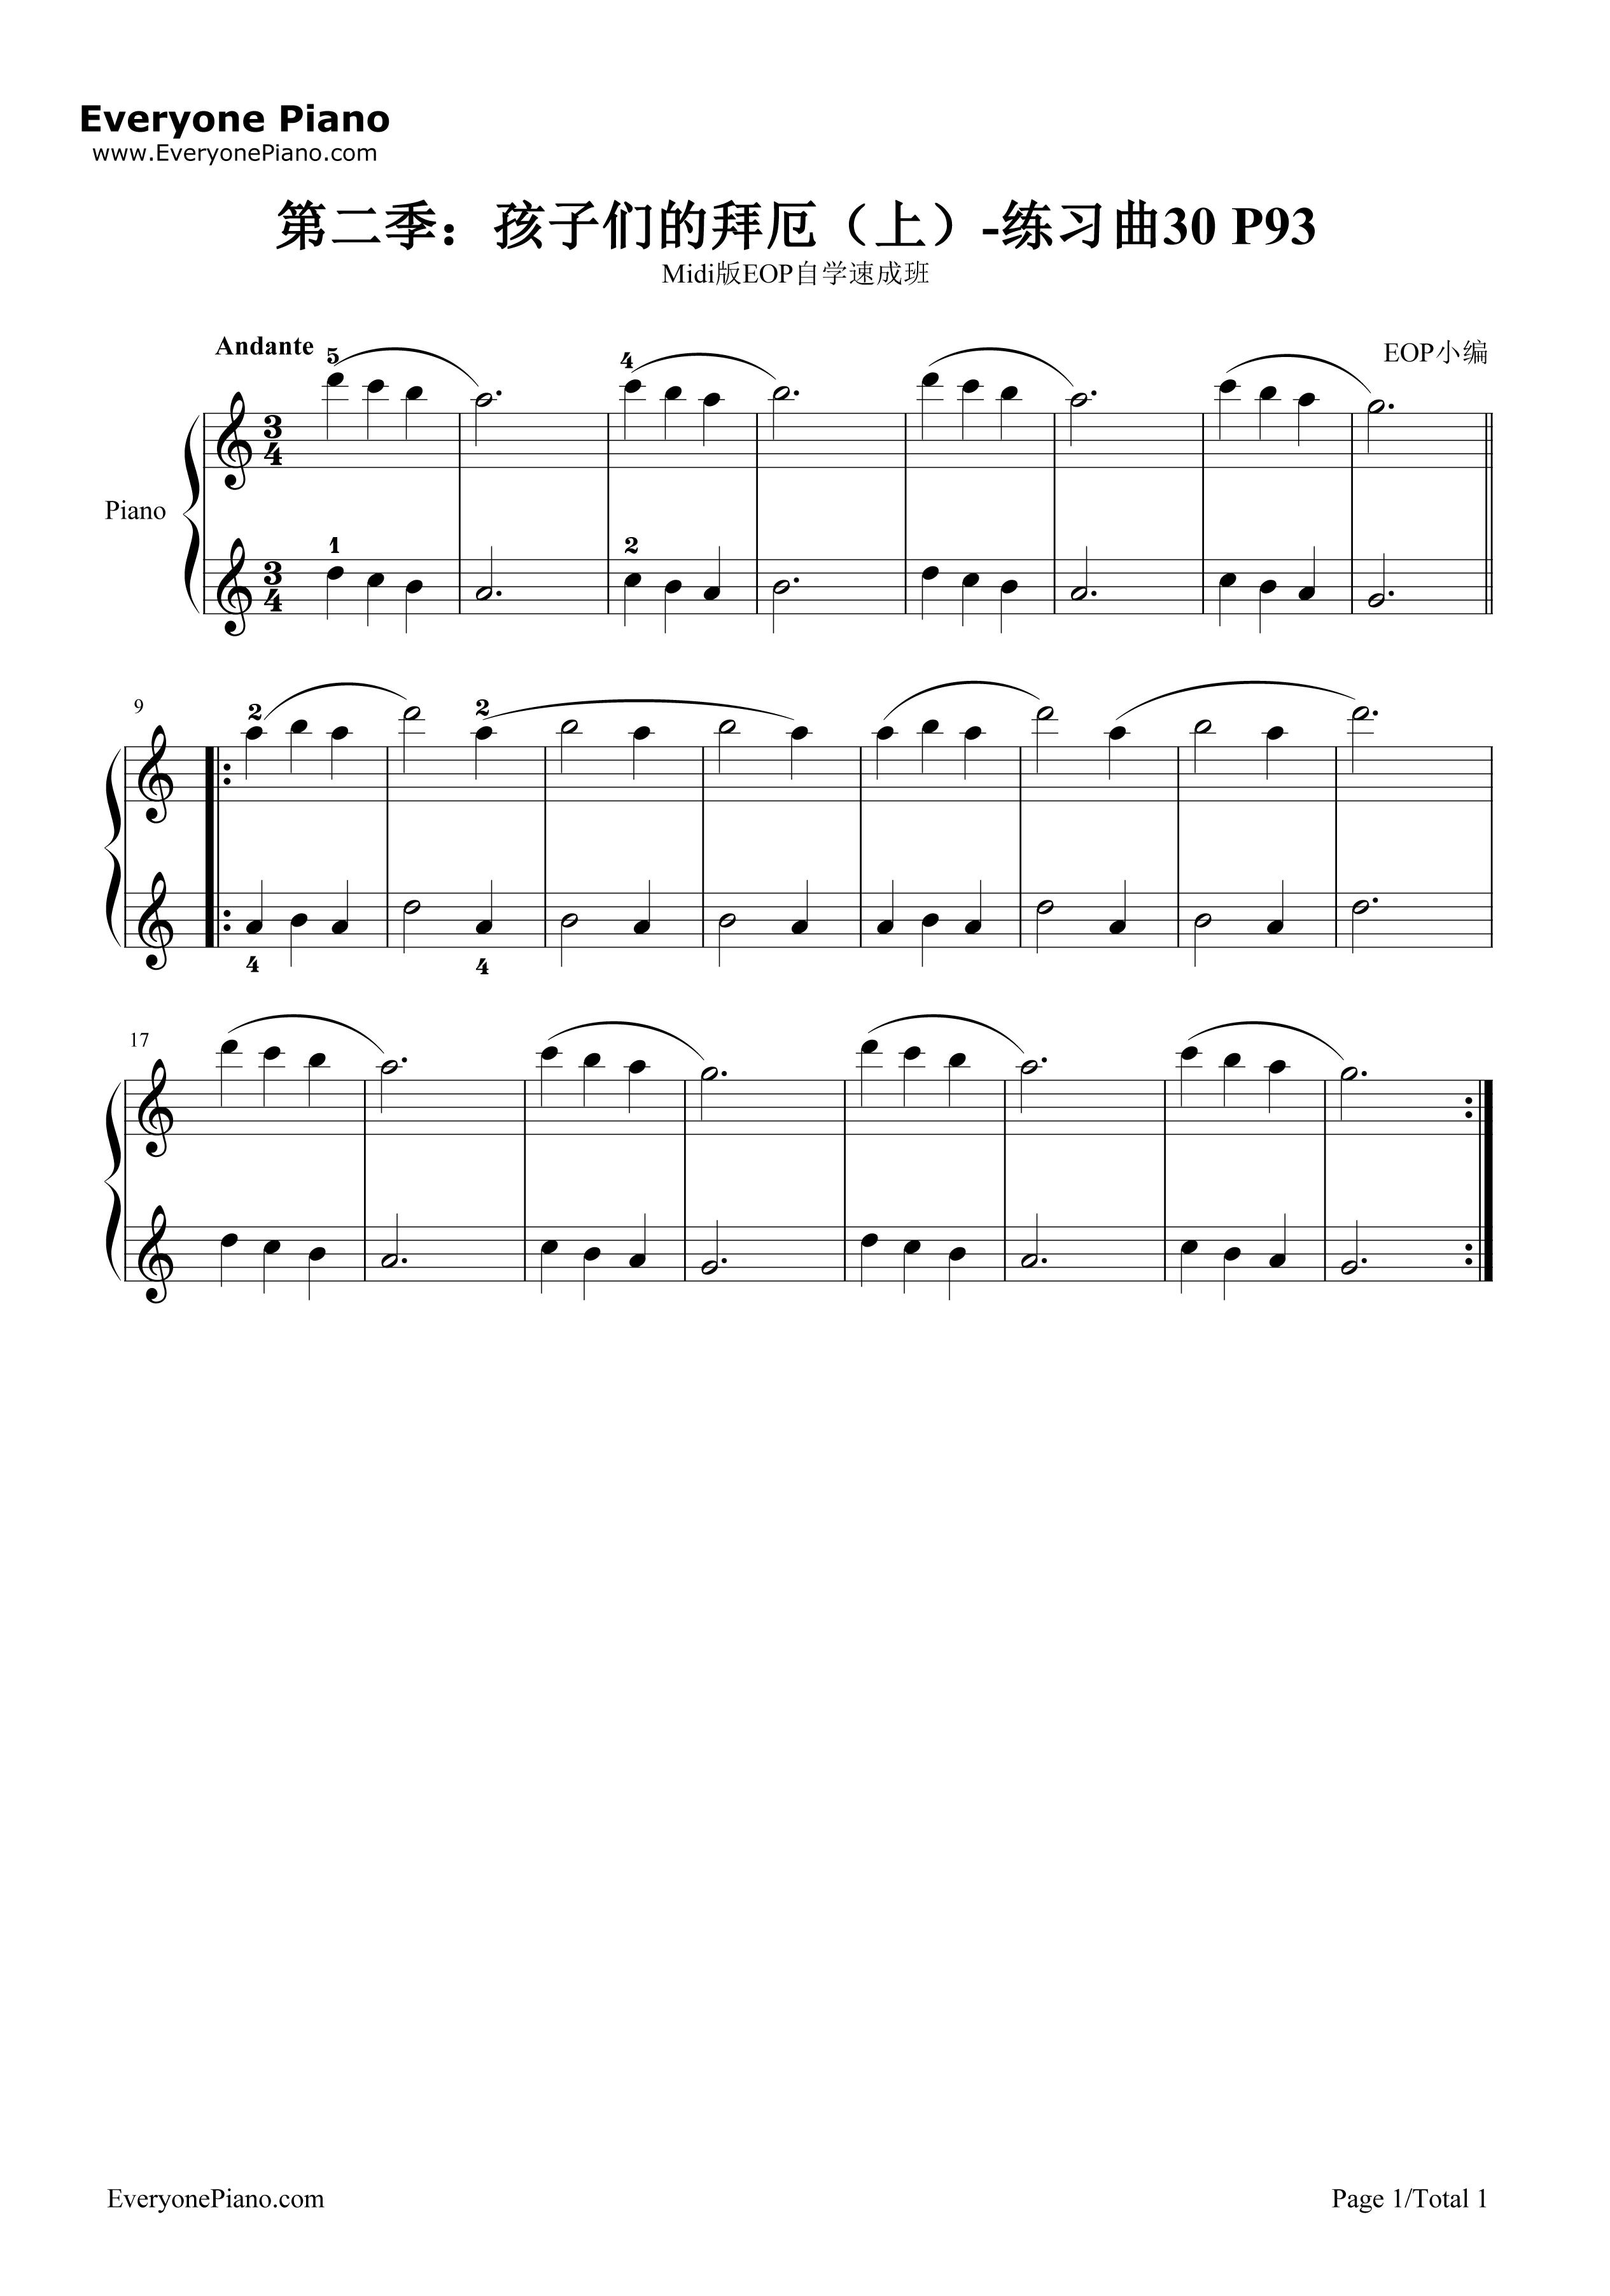 钢琴曲谱 练习曲 练习曲30-midi版eop自学速成班第二季:孩子们的拜厄